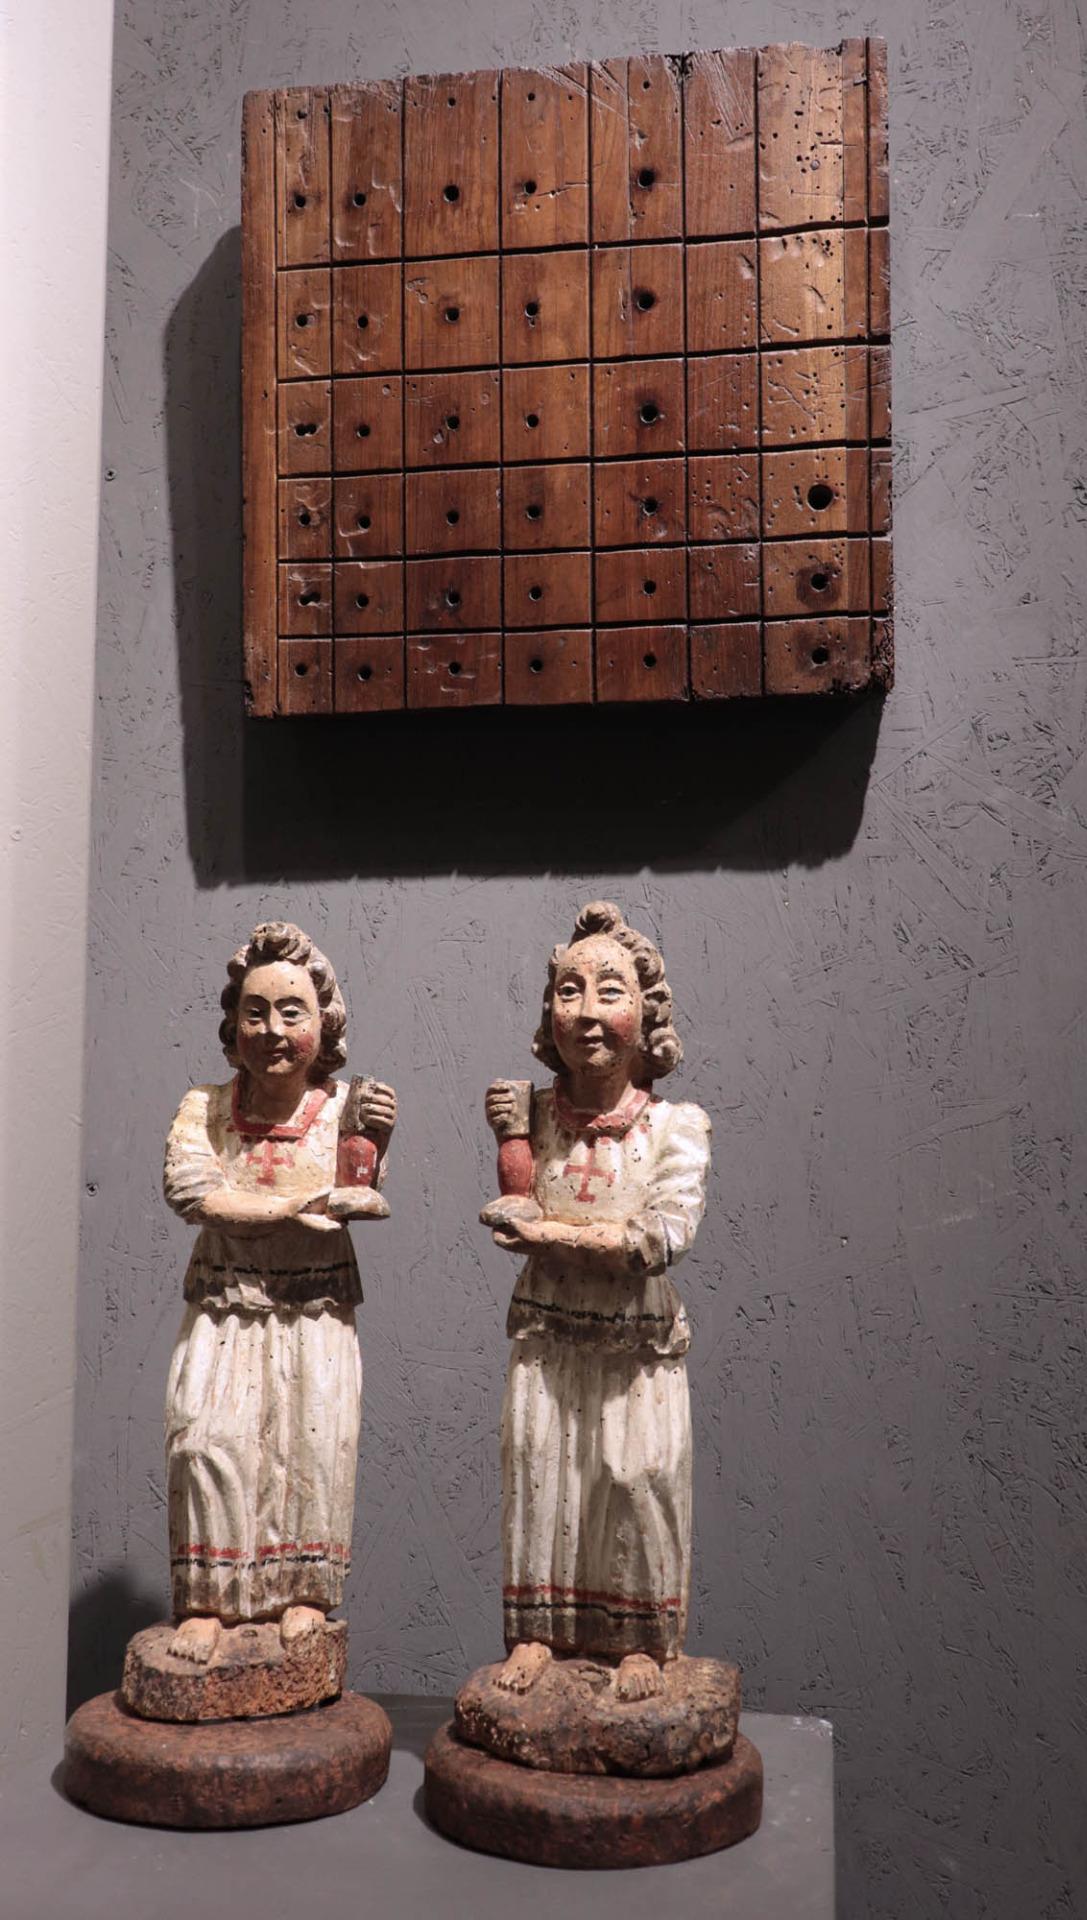 thumb5 Pannello parte di organo. Toscana, Sec. XVI